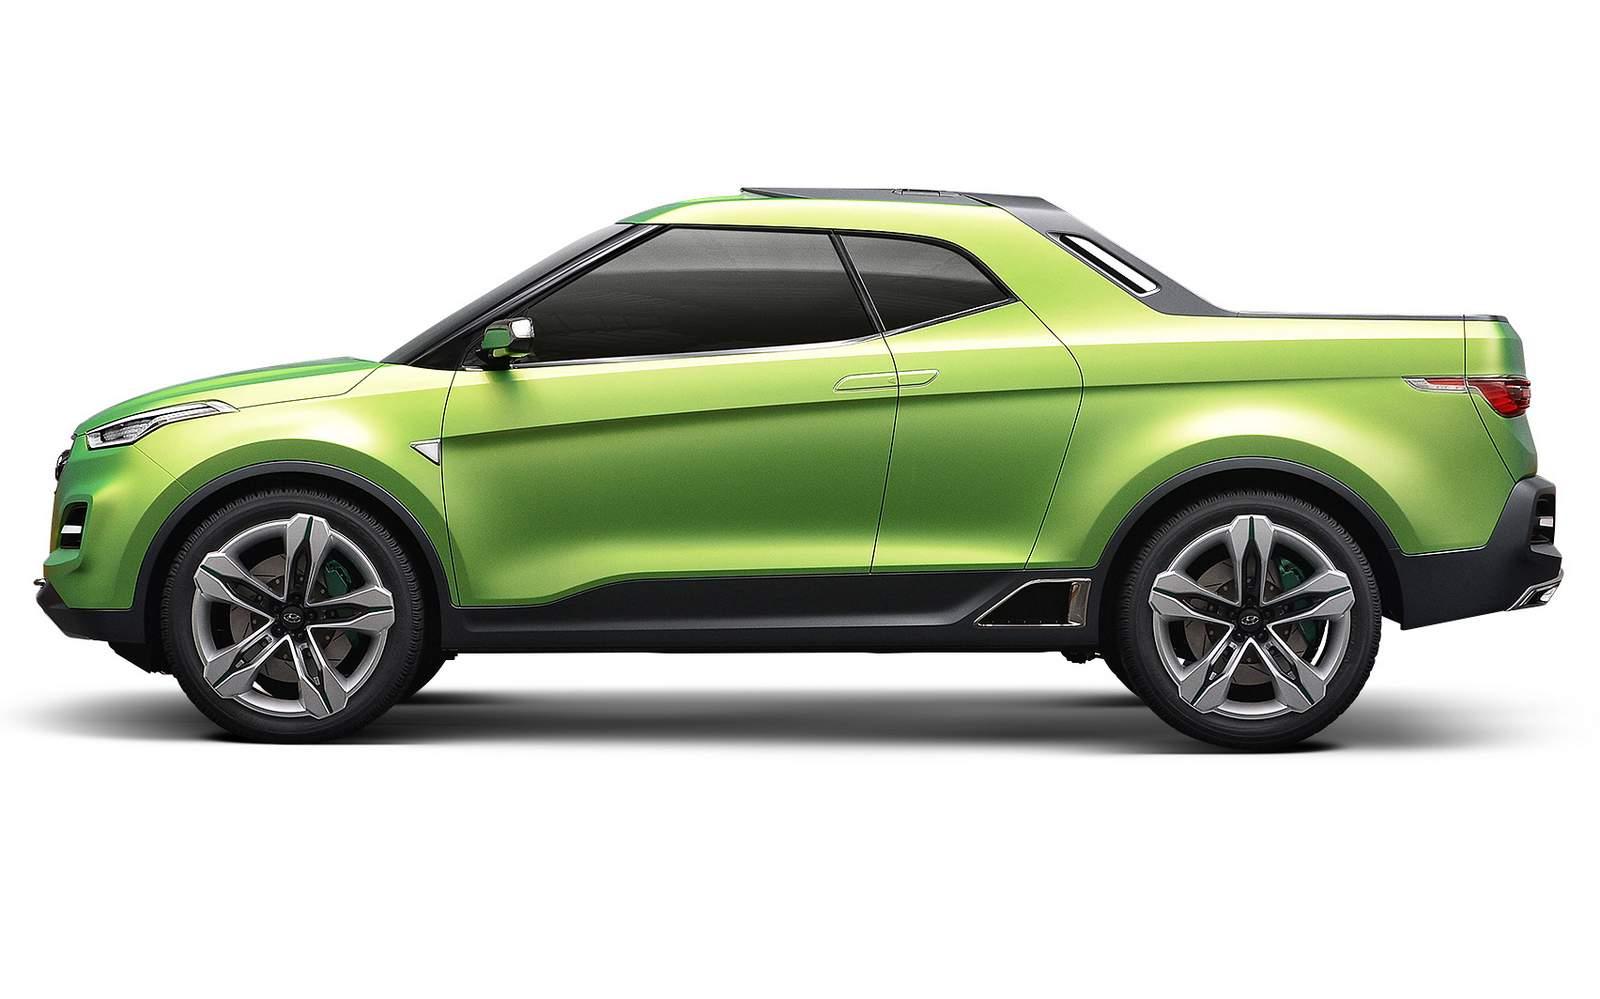 fiat toro suv with Hyundai Creta Sport Truck Conceito Mira on Audi Q8 Sport Concept as well Con Mini Suv Urbano Fiat Mobi Lallegria Torna Sulle Strade 5631c3d1 68ff 4953 882d D29b1bb8754b further Photos in addition Watch also Novo Fiat Mobi Novidades Do Carro.